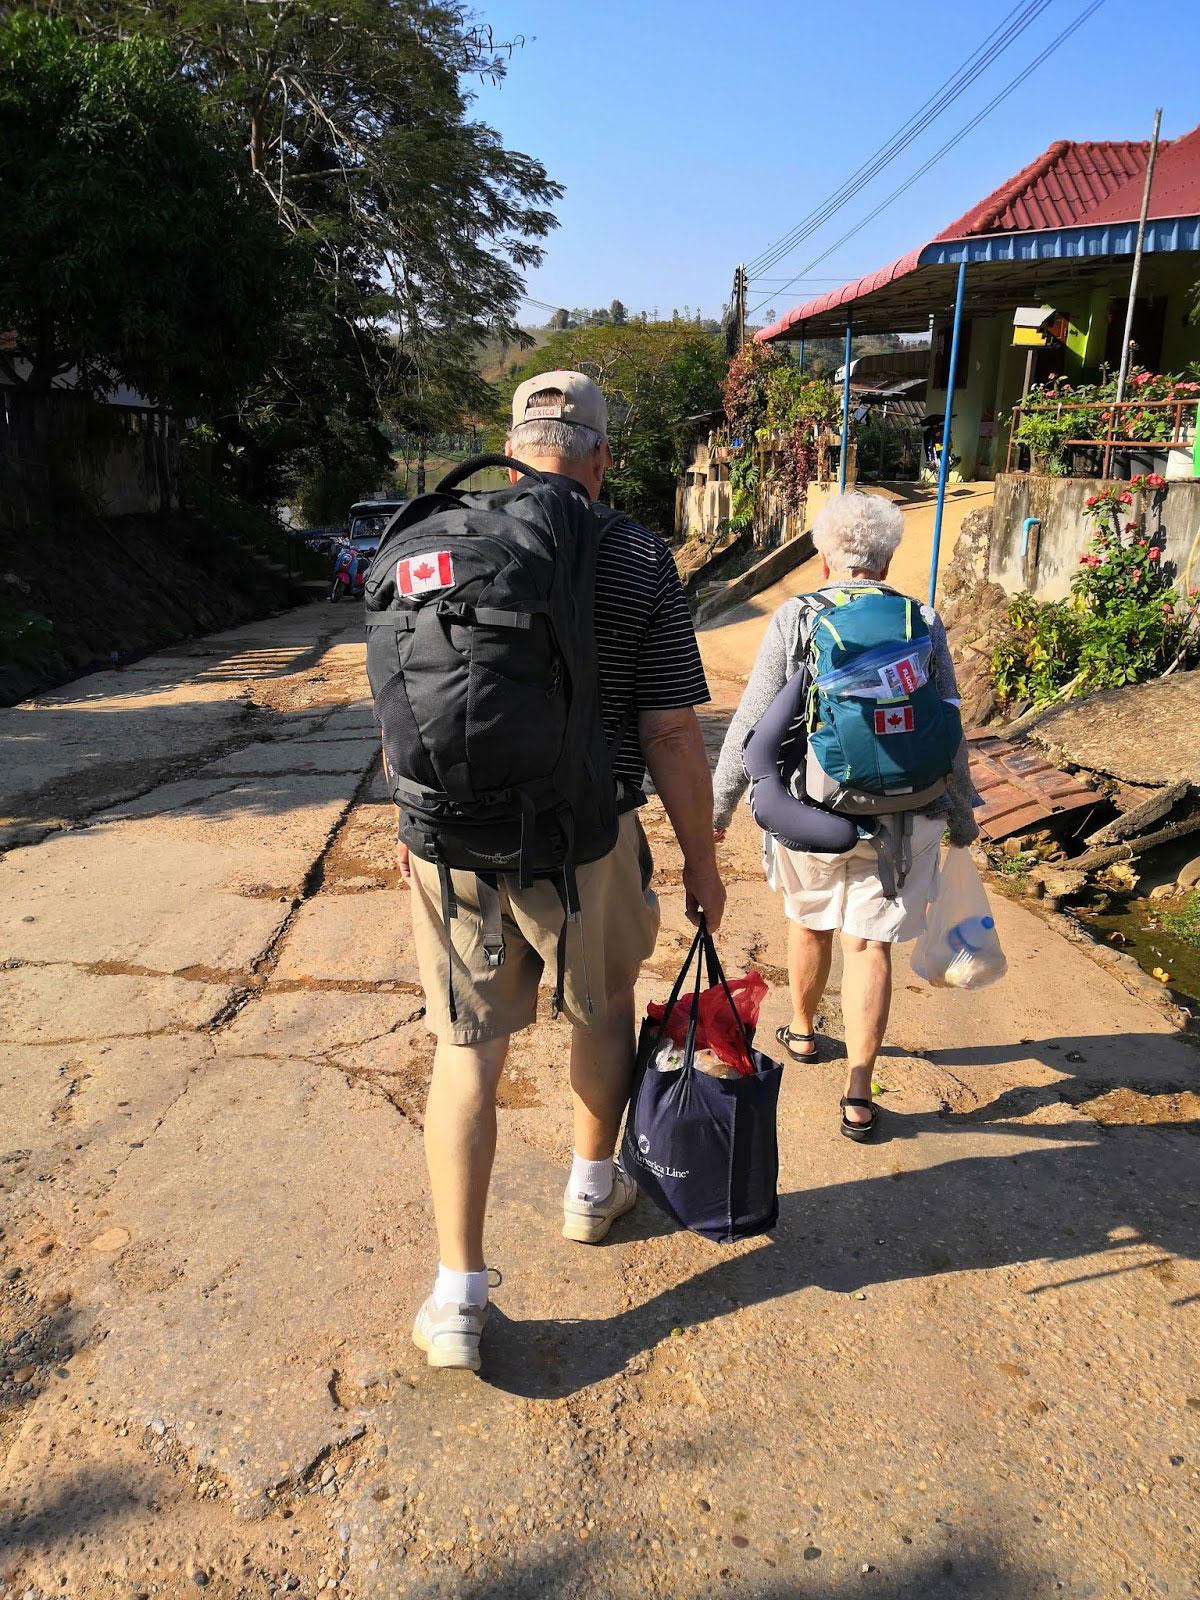 Laos zaino in spalla anche per due viaggiatori anziani canadesi